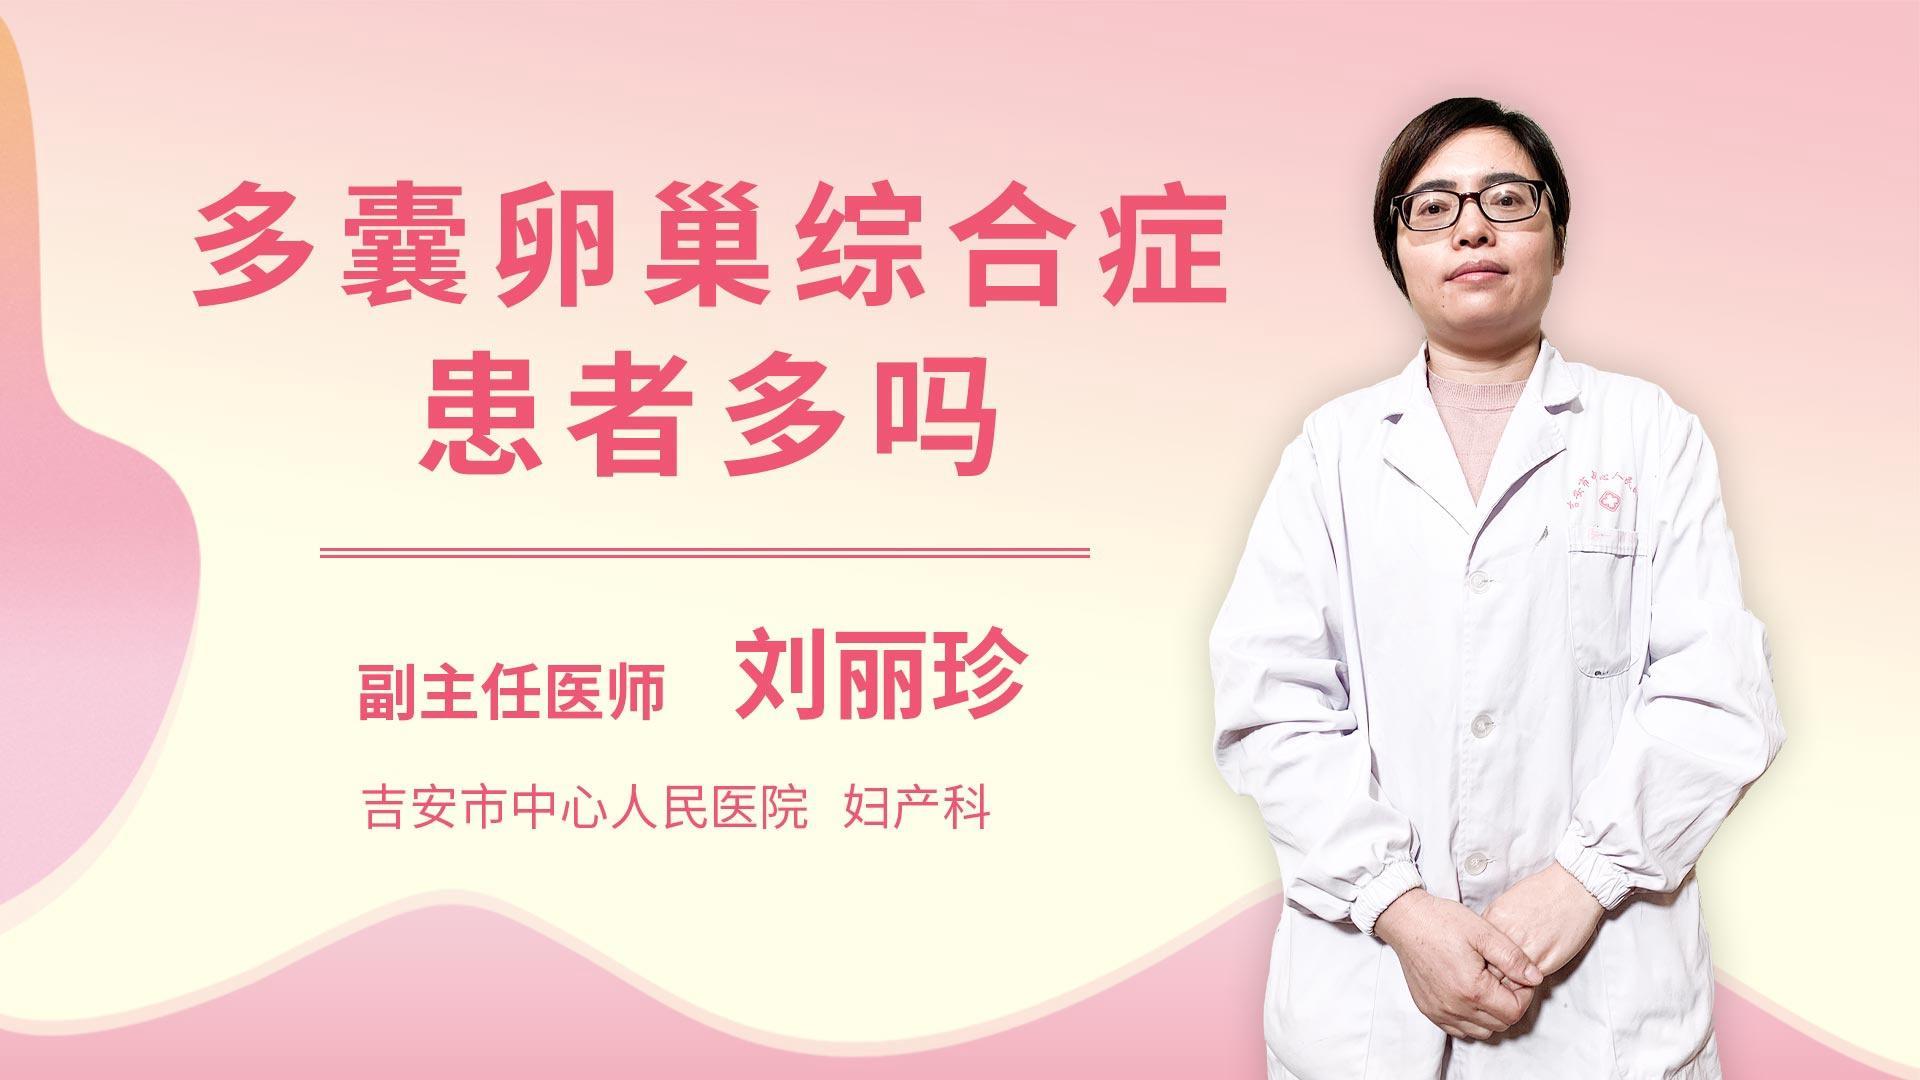 多囊卵巢综合征患者多吗